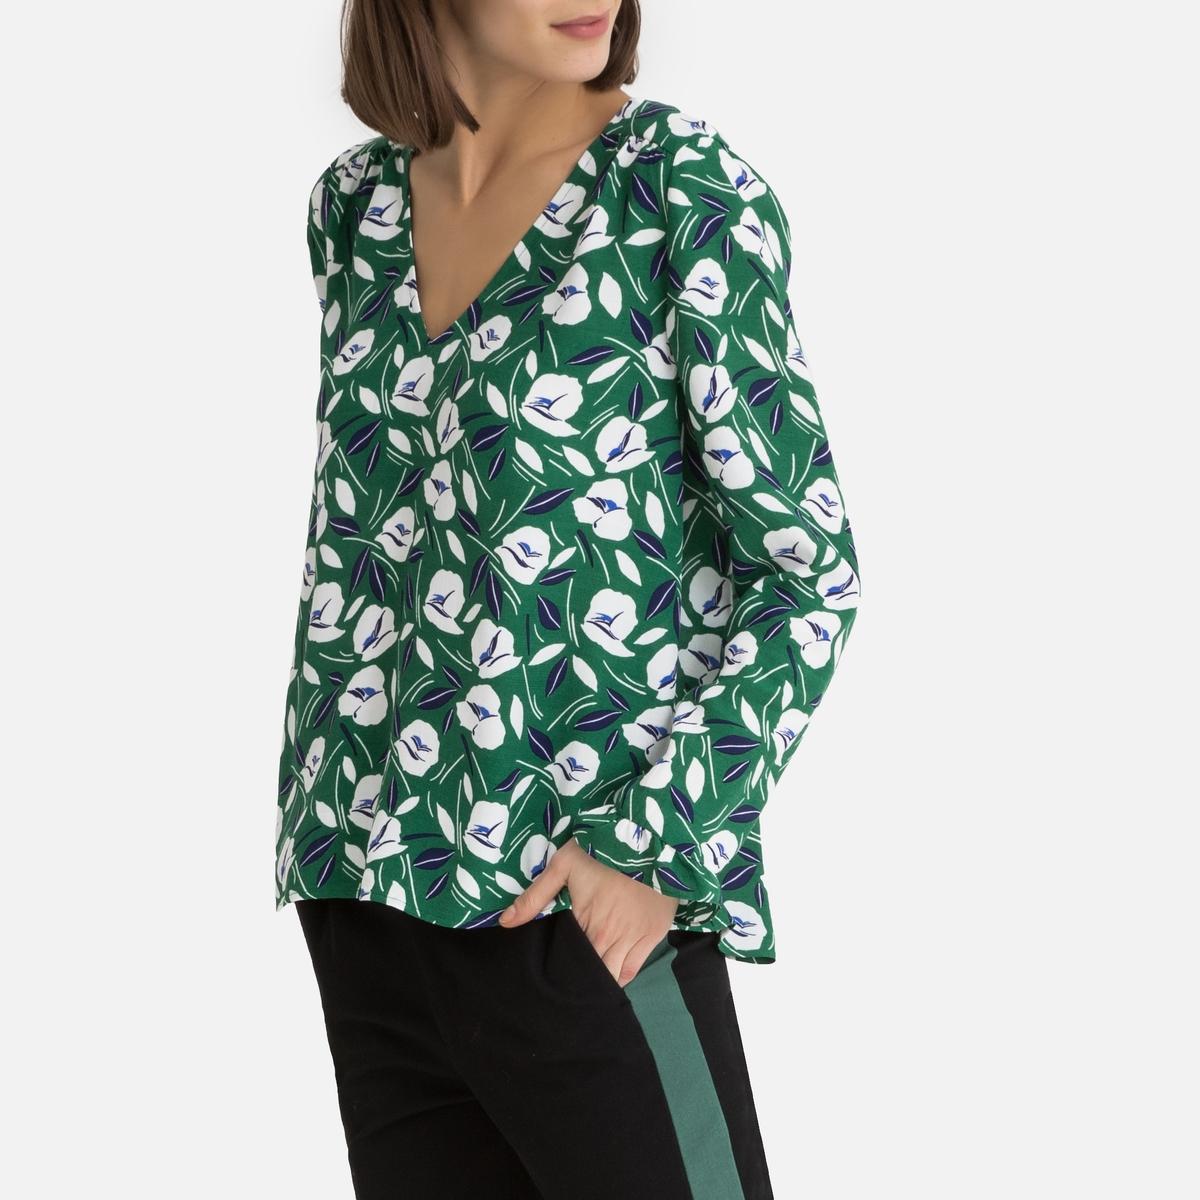 цены Блузка La Redoute С принтом и V-образным вырезом длинные рукава XS зеленый